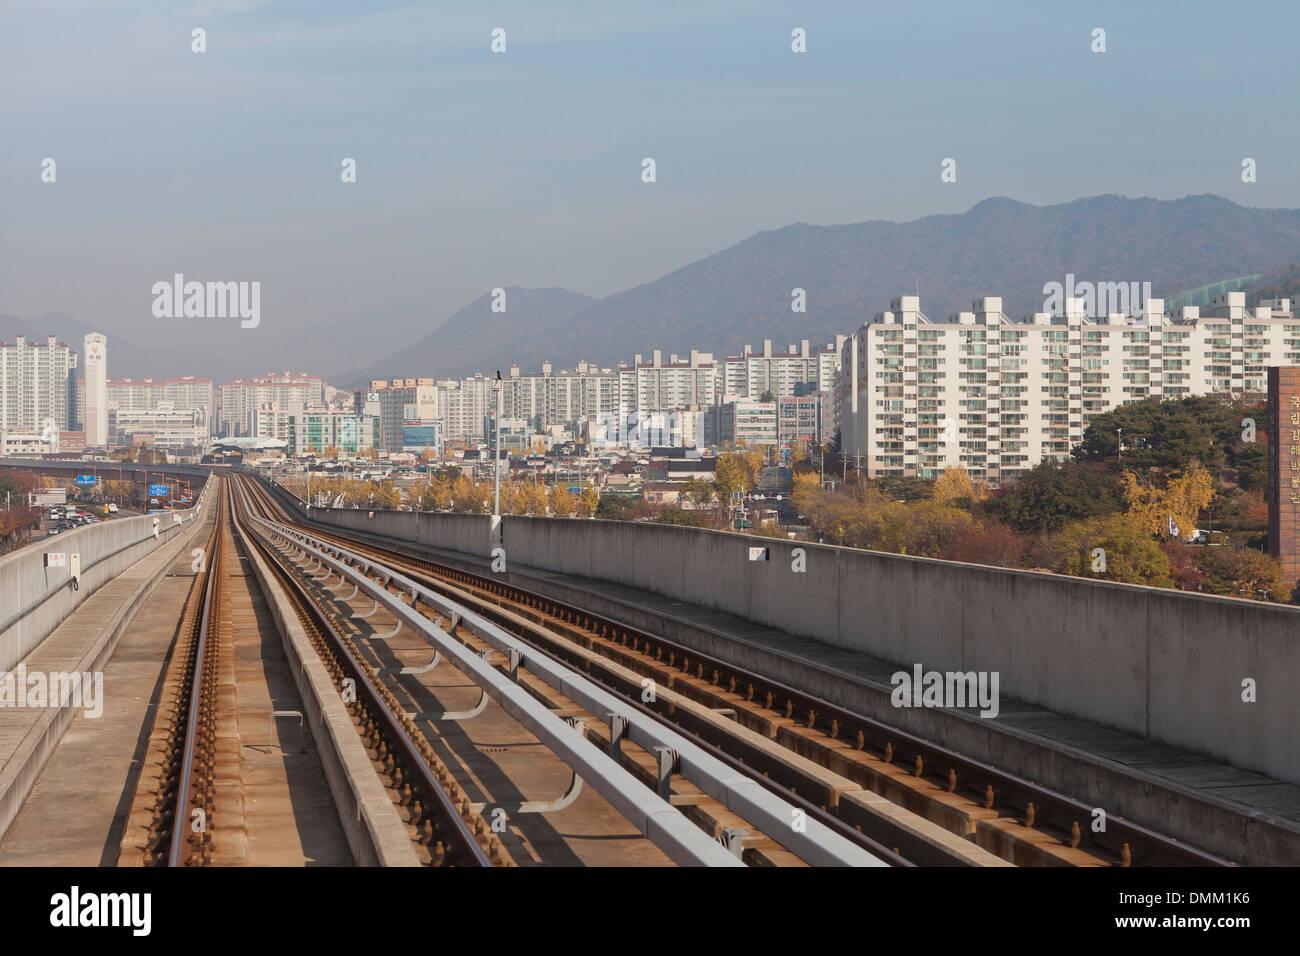 Busanu2013Gimhae Light Rail Transit train tracks - South Korea & Busanu2013Gimhae Light Rail Transit train tracks - South Korea Stock ...